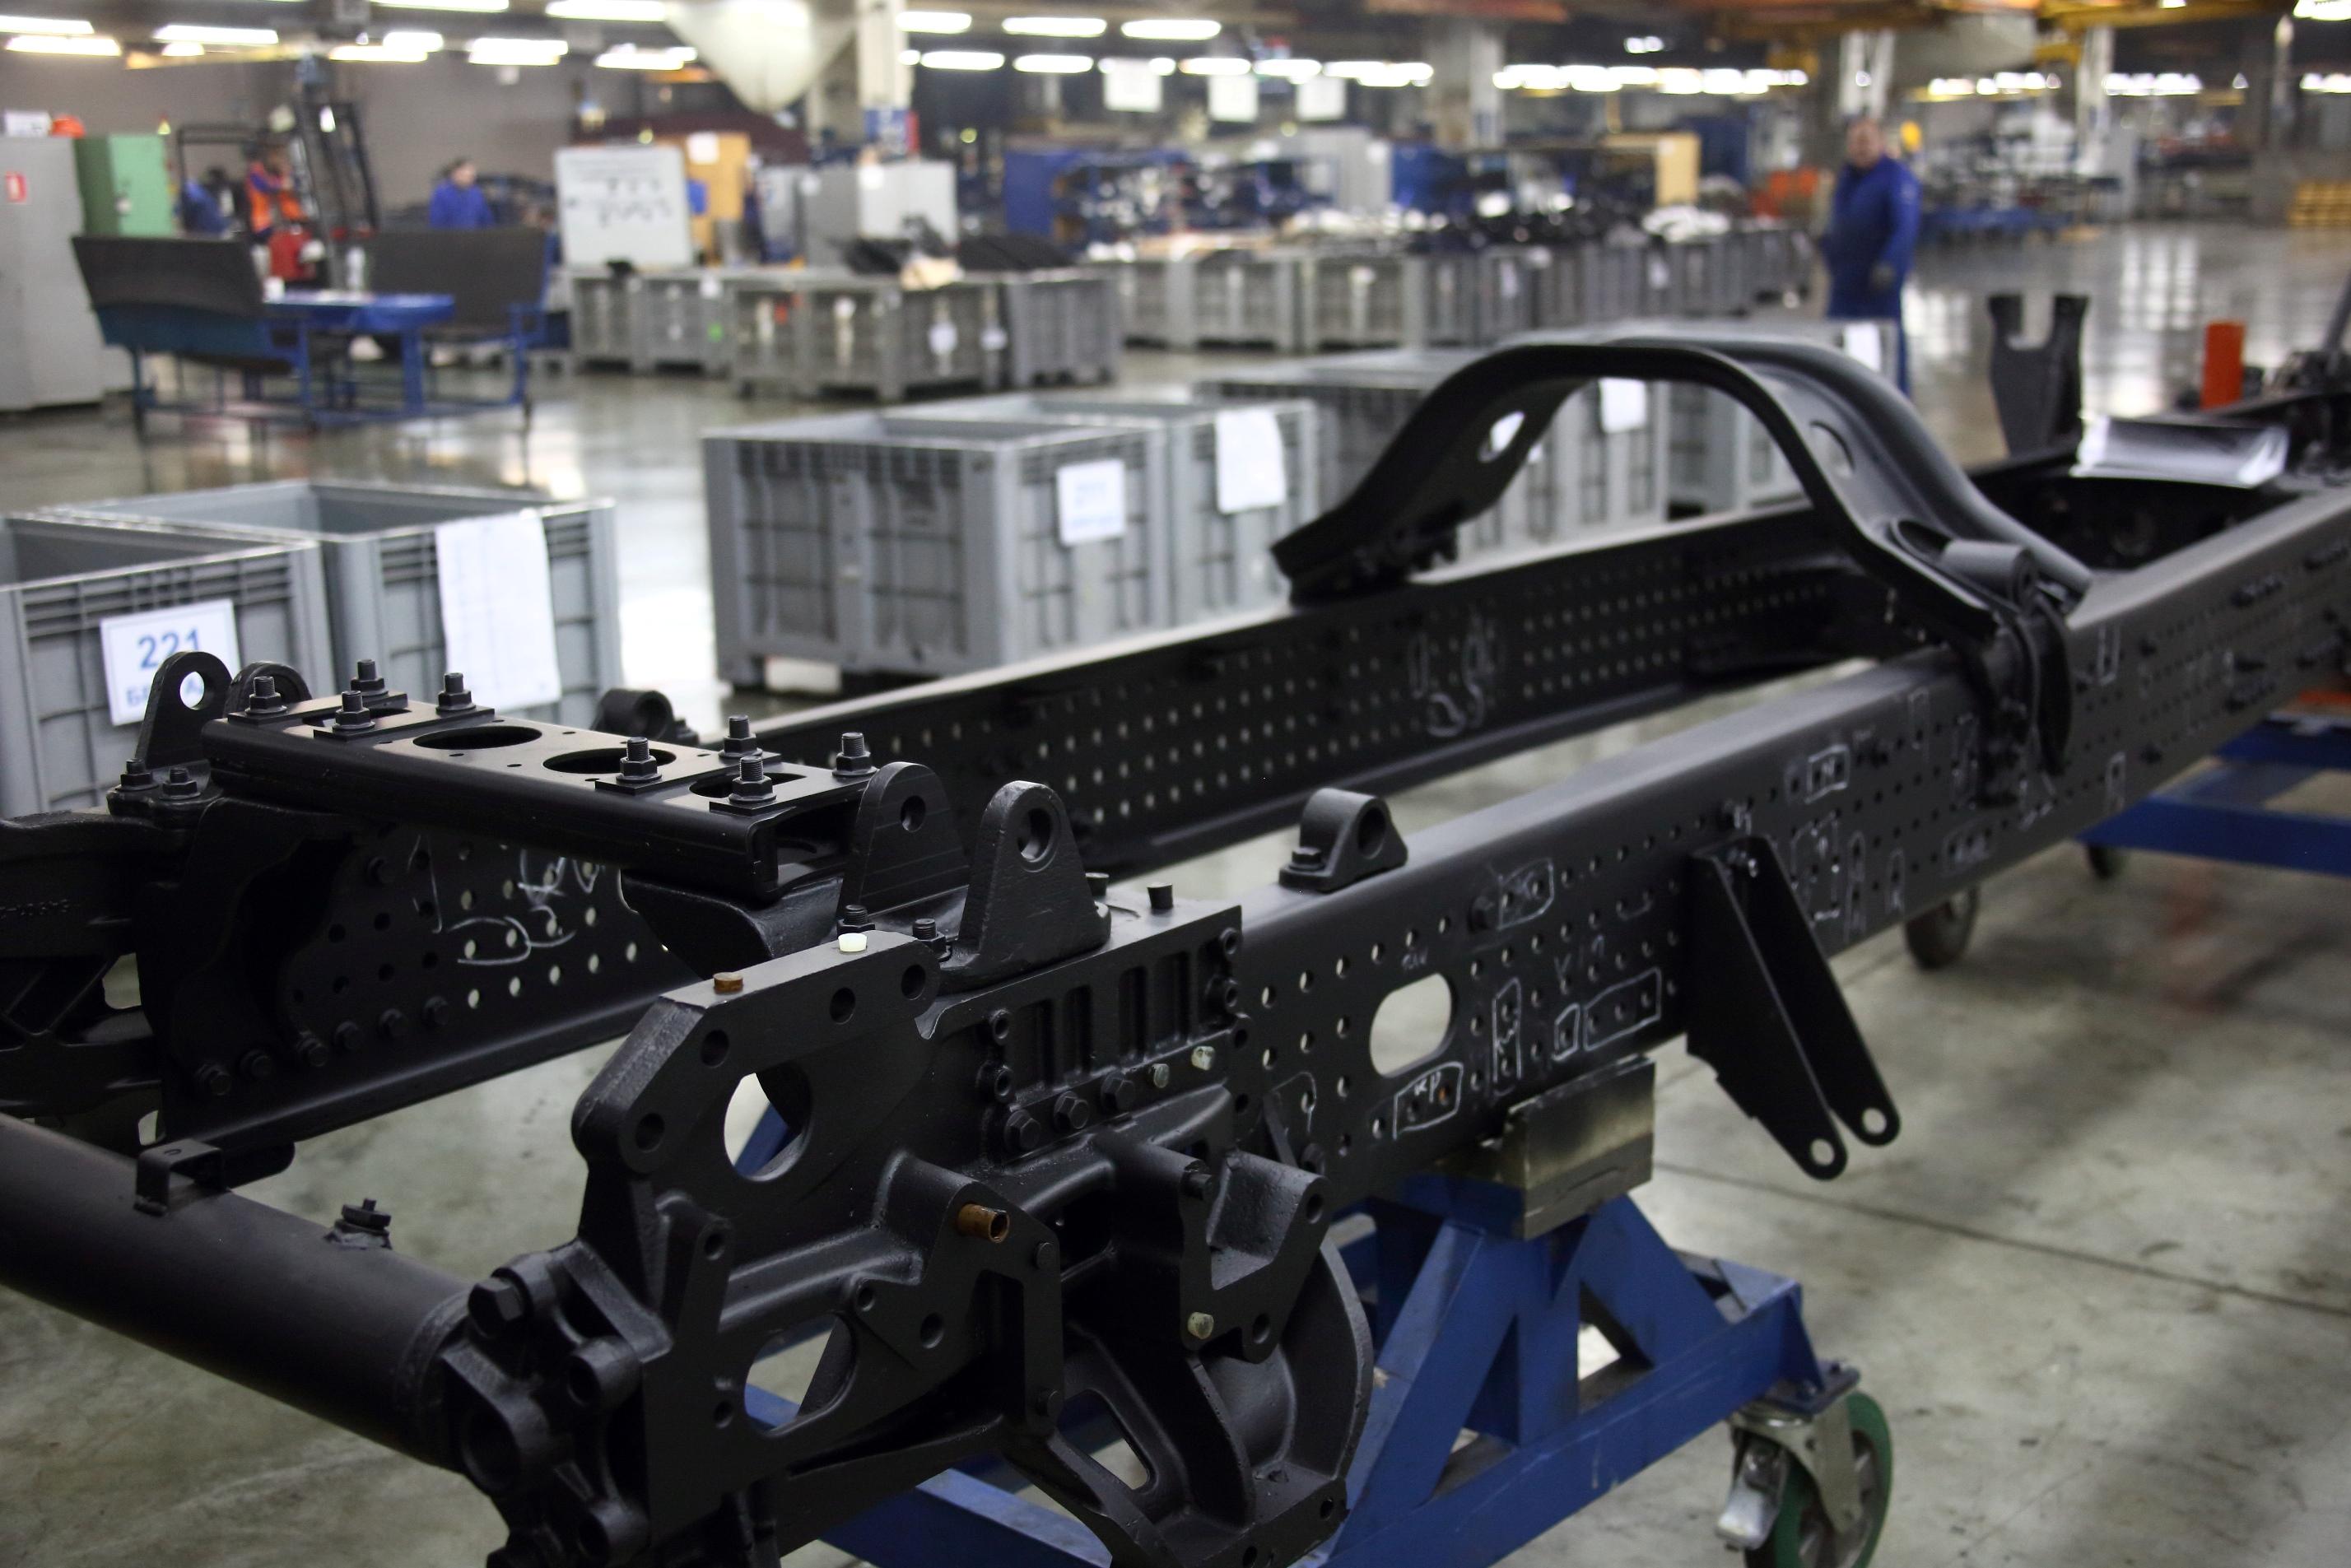 КАМАЗ приступил к сборке шасси для грузовиков нового поколения